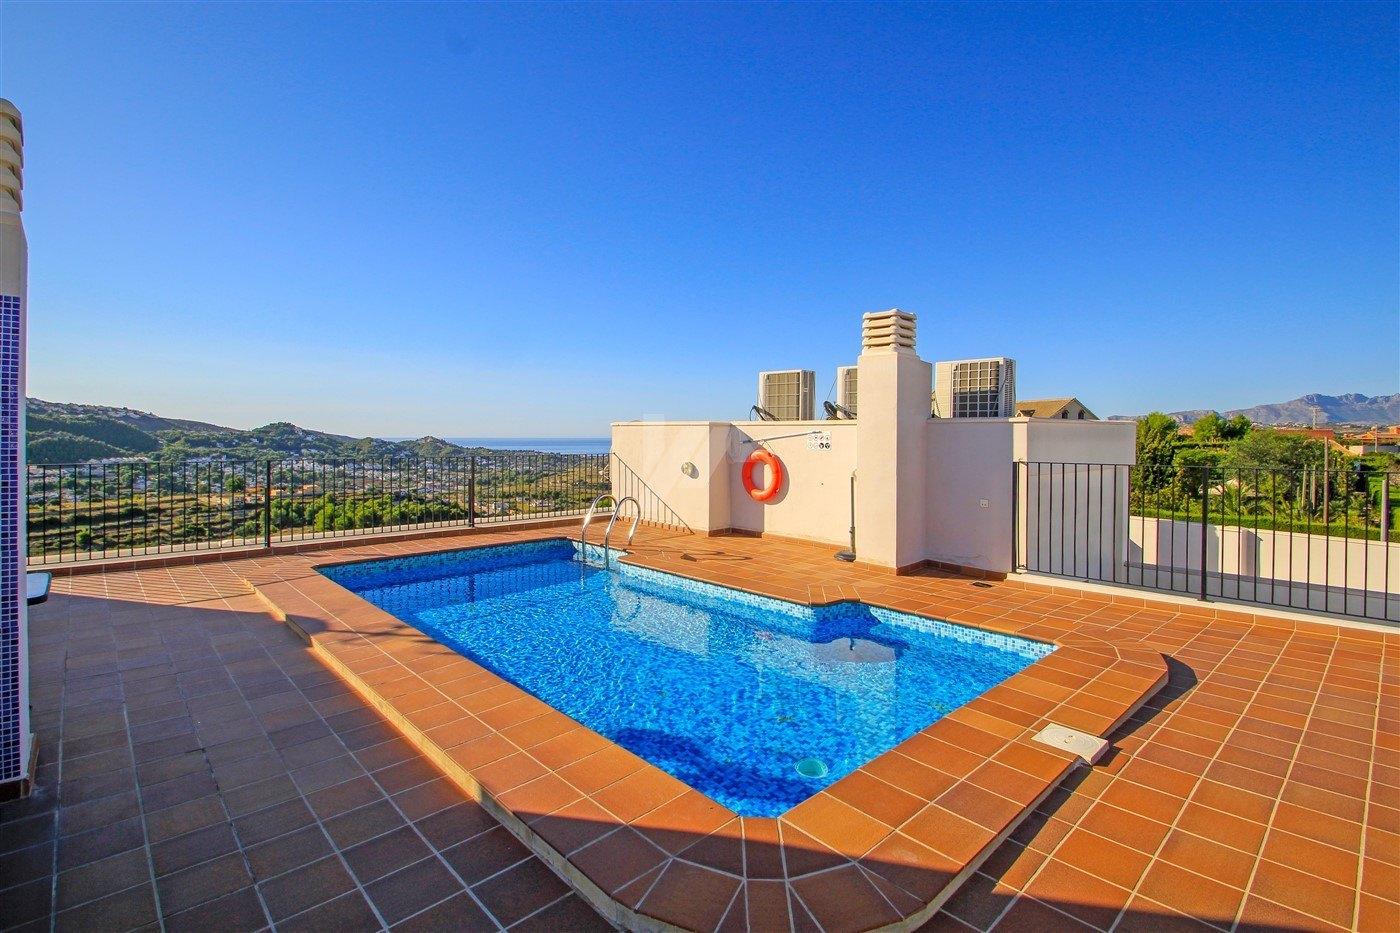 Appartement vue sur la mer à vendre à Benitachell, Costa Blanca.